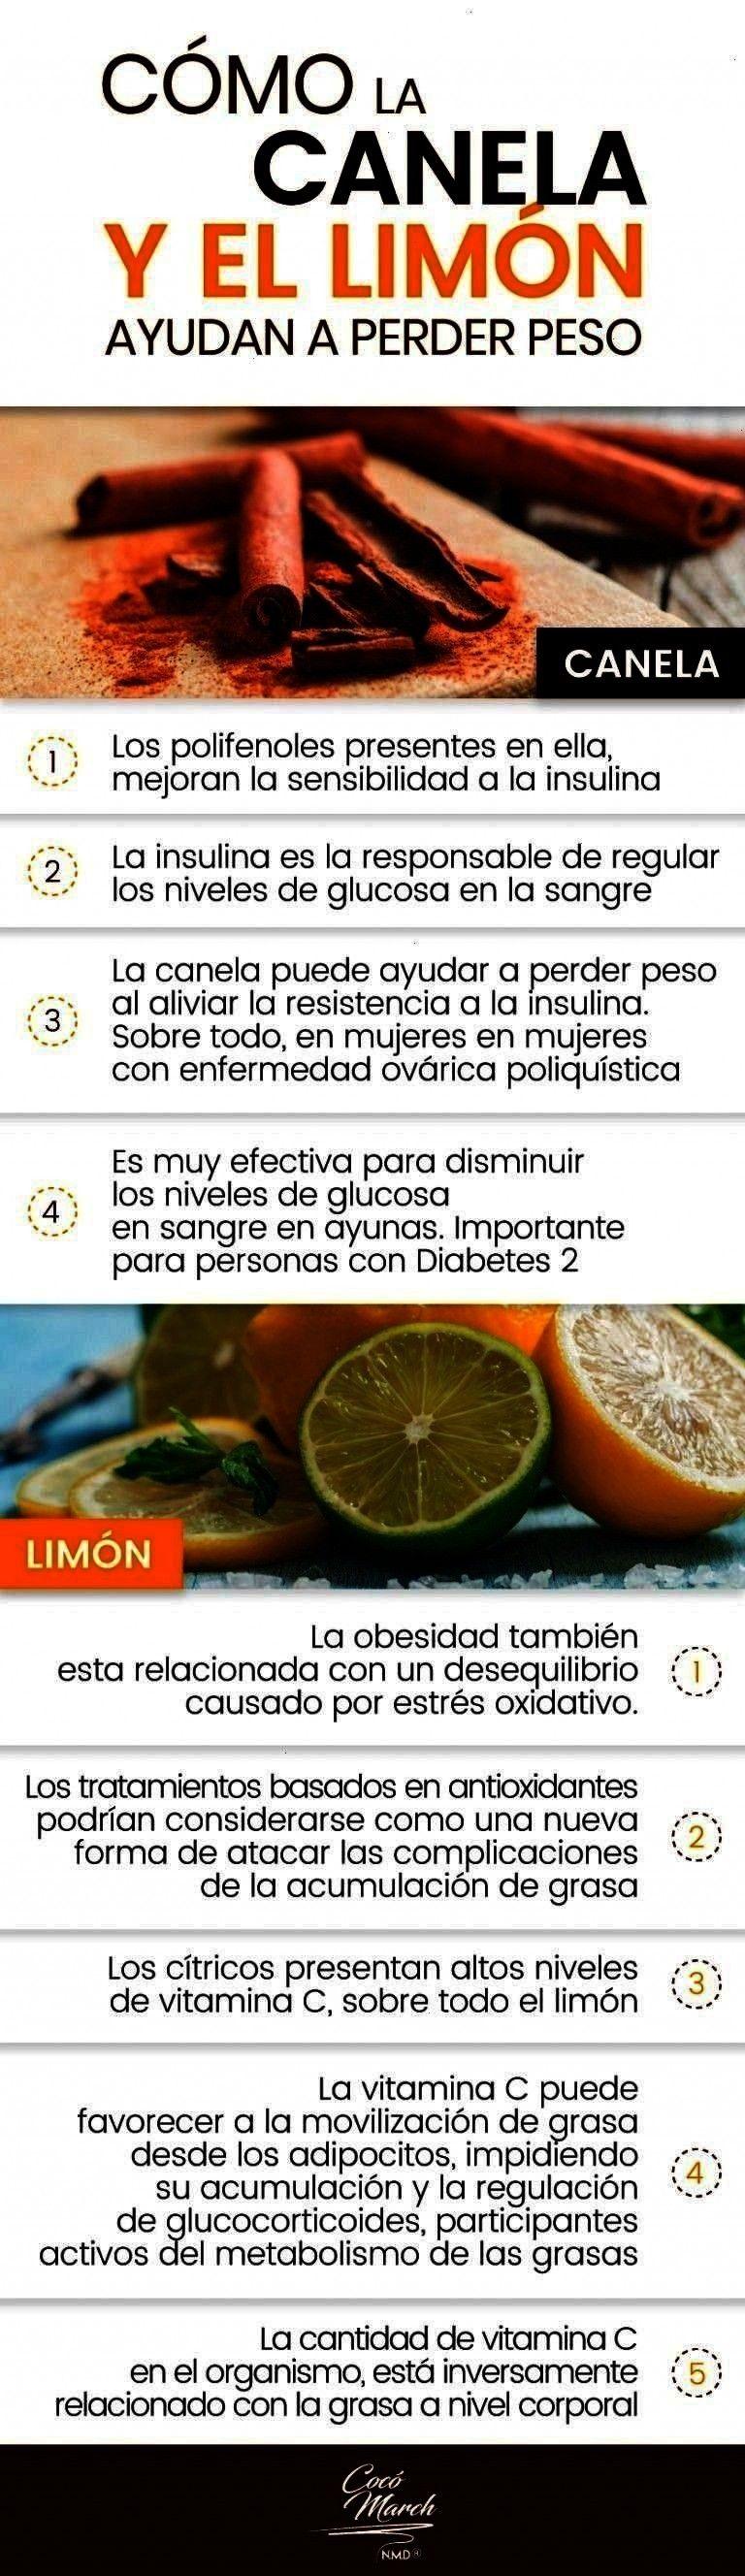 Y Limón Para Adelgazar  Cómo Preparar Té de Canela Y Limón Para Adelgazar Welcome for you to the website in this particular moment Ill explain...